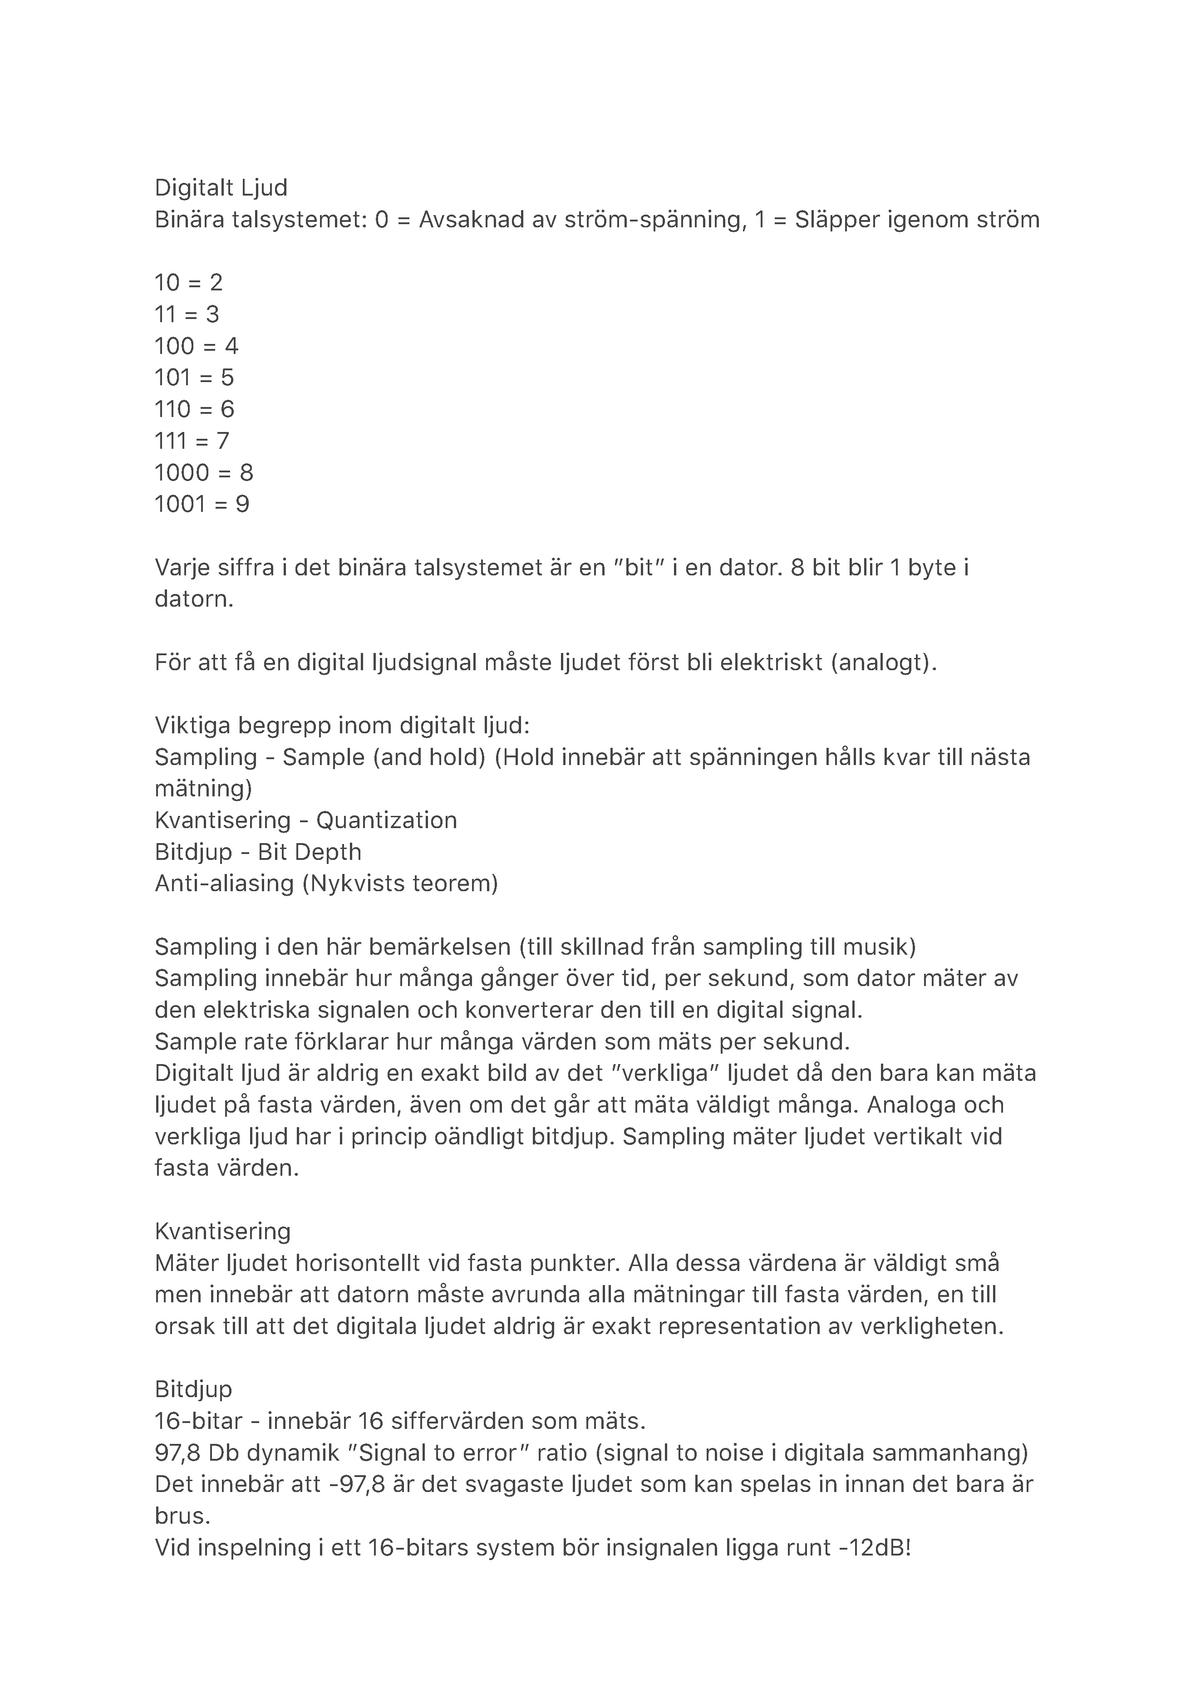 Frisk Digitalt Ljud - Från kursen Audioteknologi, Henrik Carlsson. - StuDocu UP-52